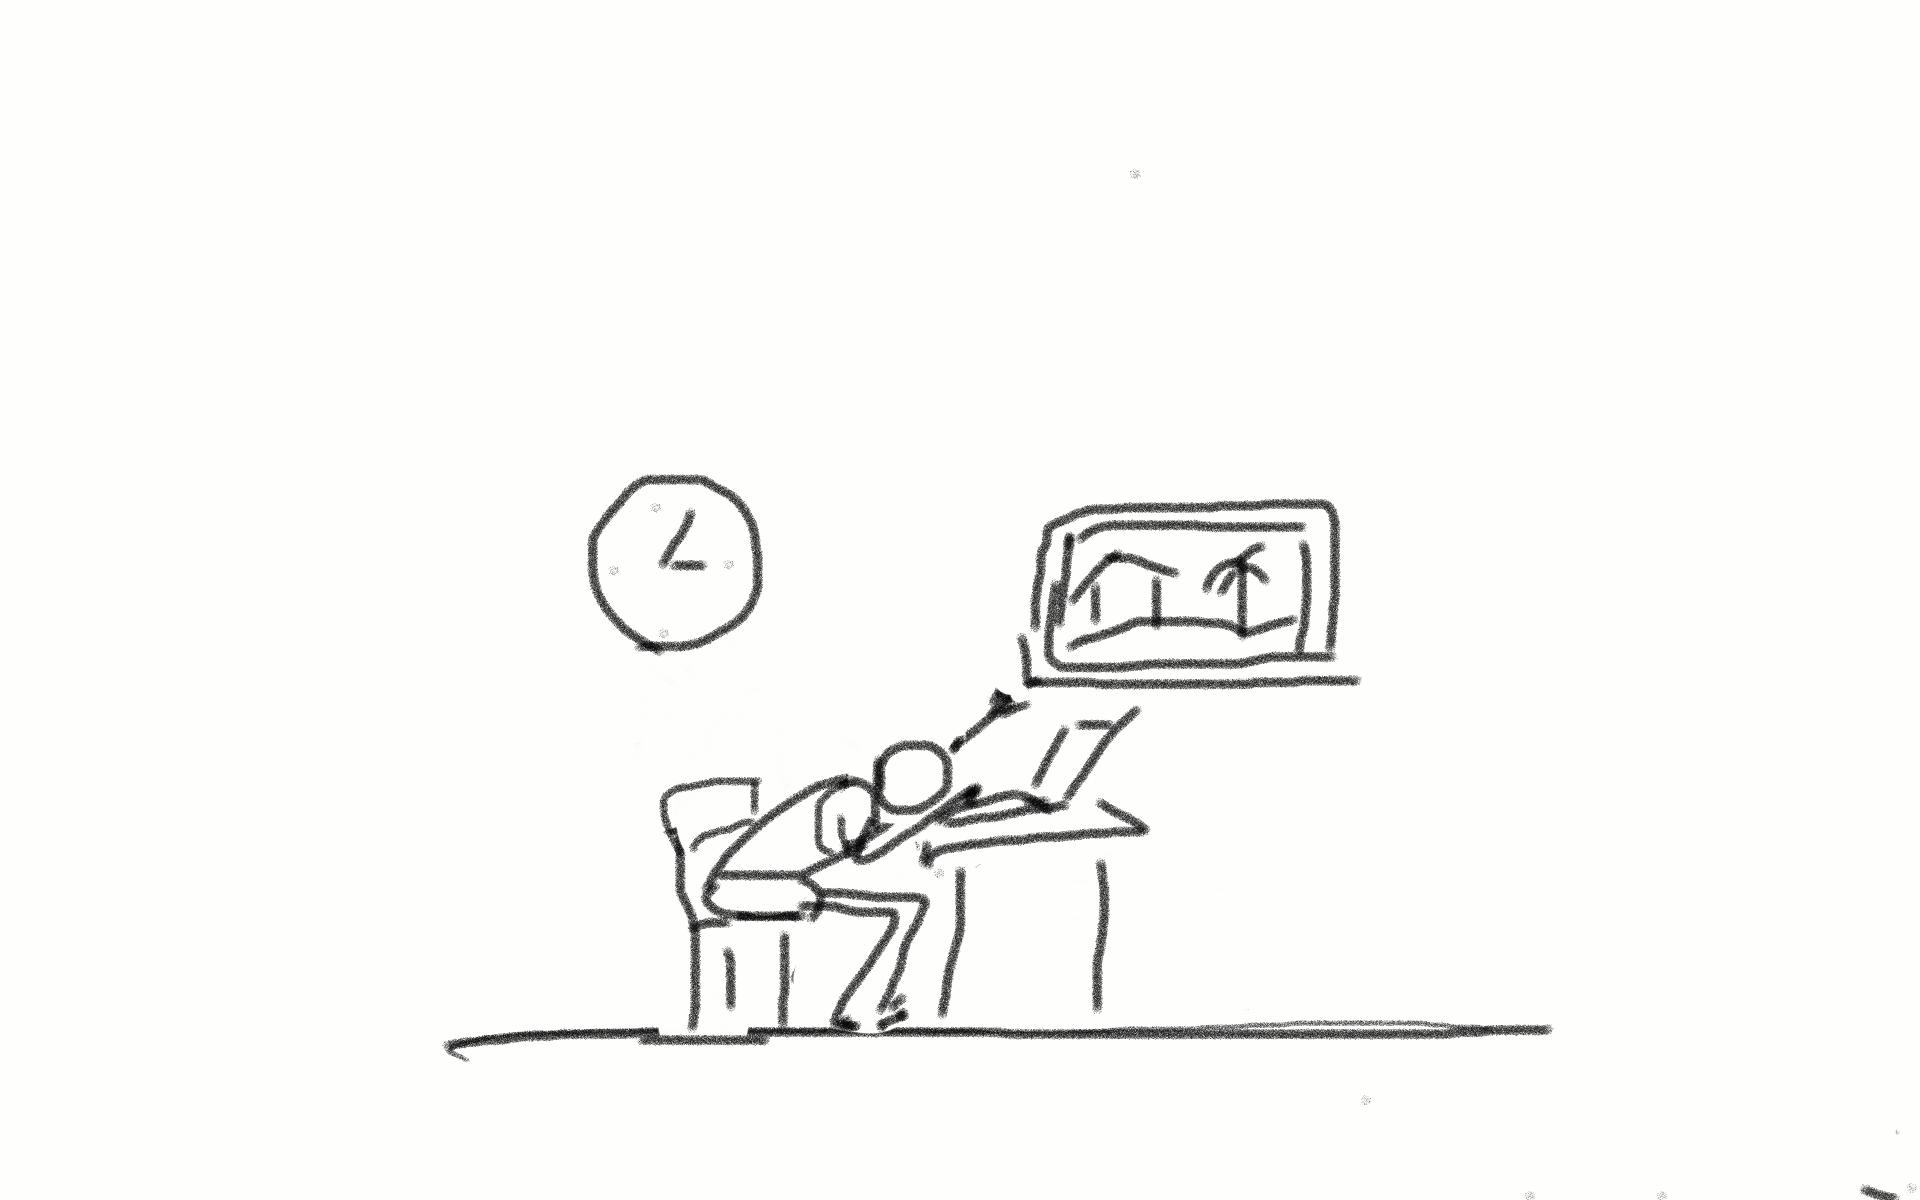 sketch-1519416972602